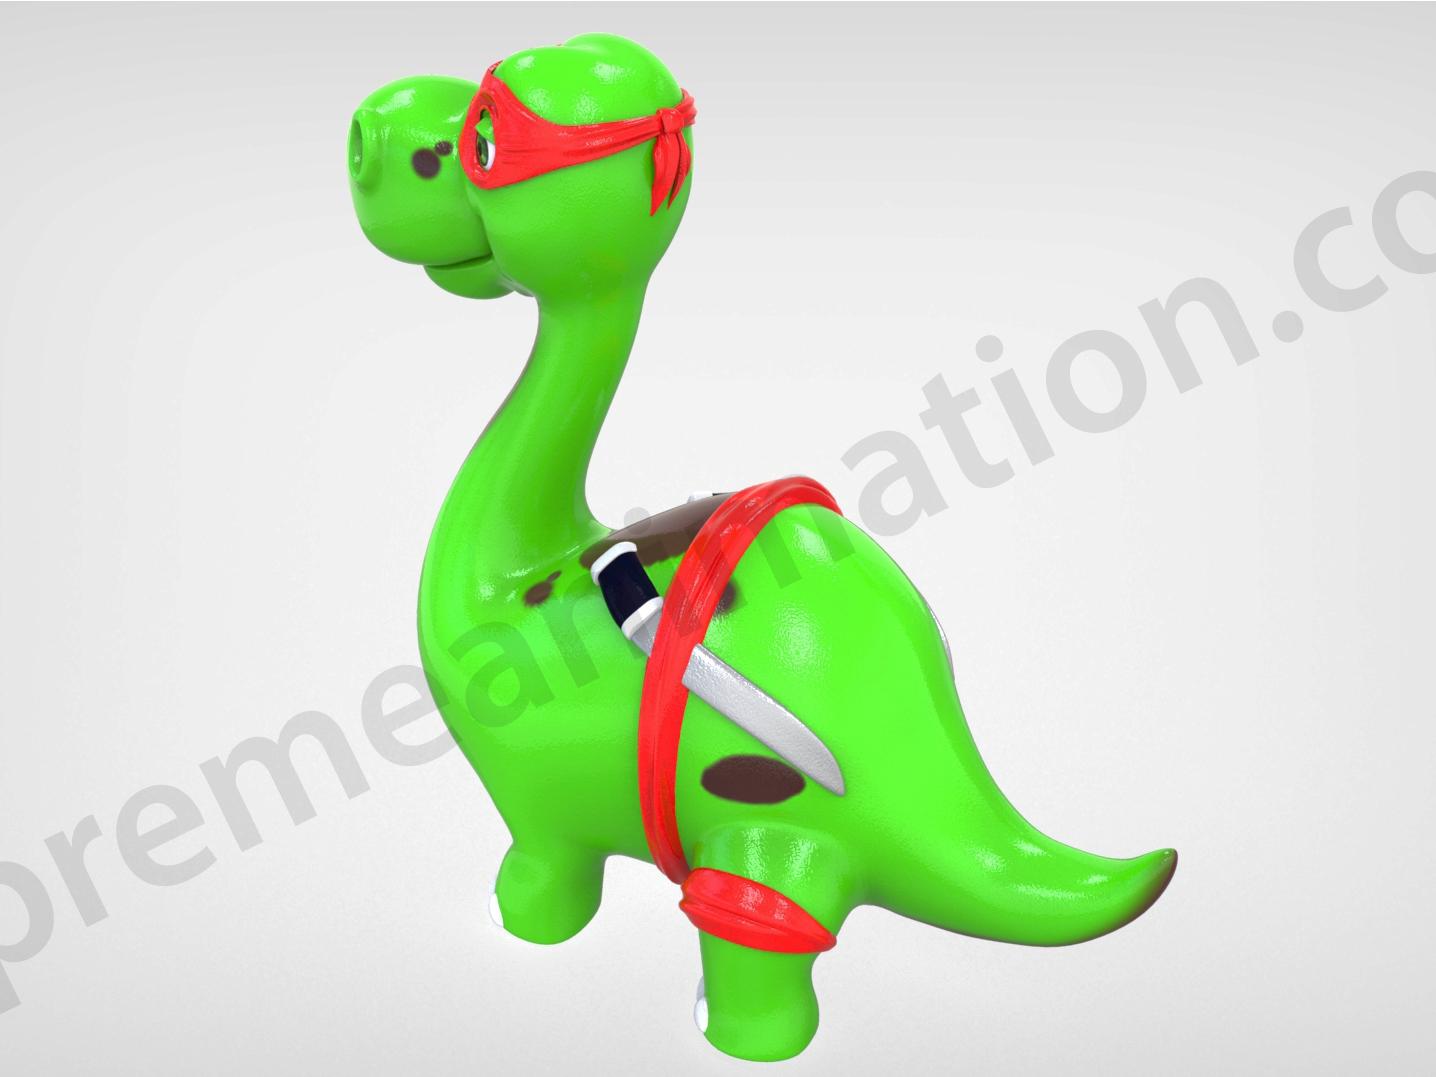 Ninja Dino Modeling 3d character ninja dino